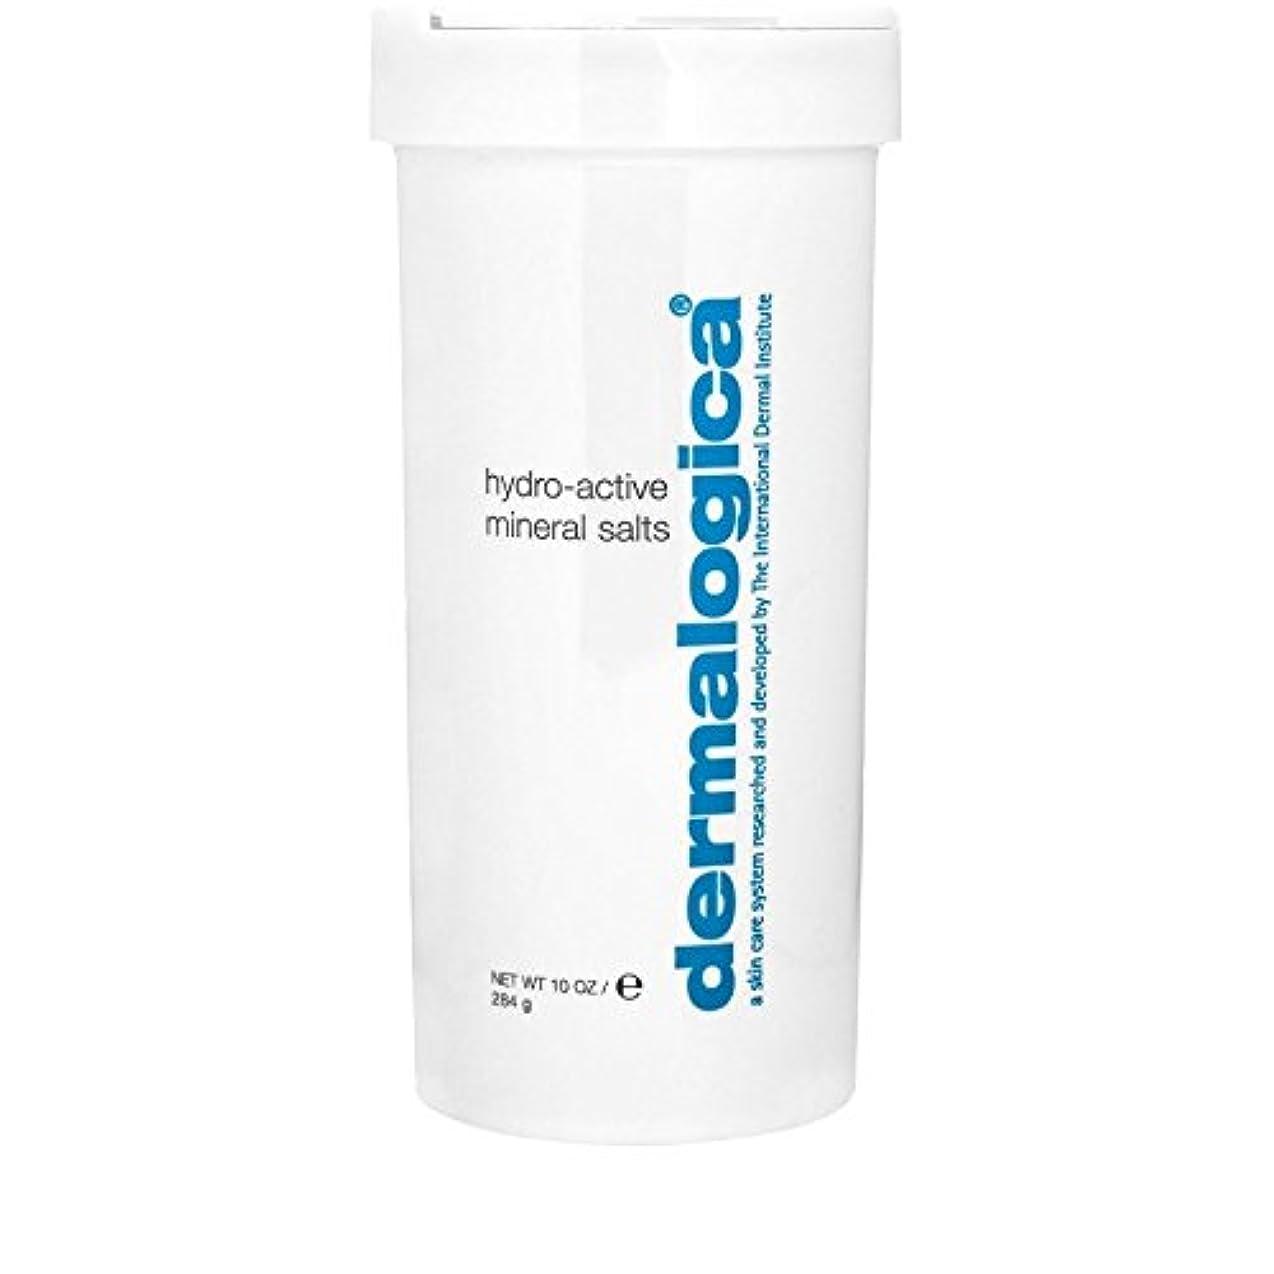 陪審癌失敗ダーマロジカ水力アクティブミネラル塩284グラム x2 - Dermalogica Hydro Active Mineral Salt 284g (Pack of 2) [並行輸入品]